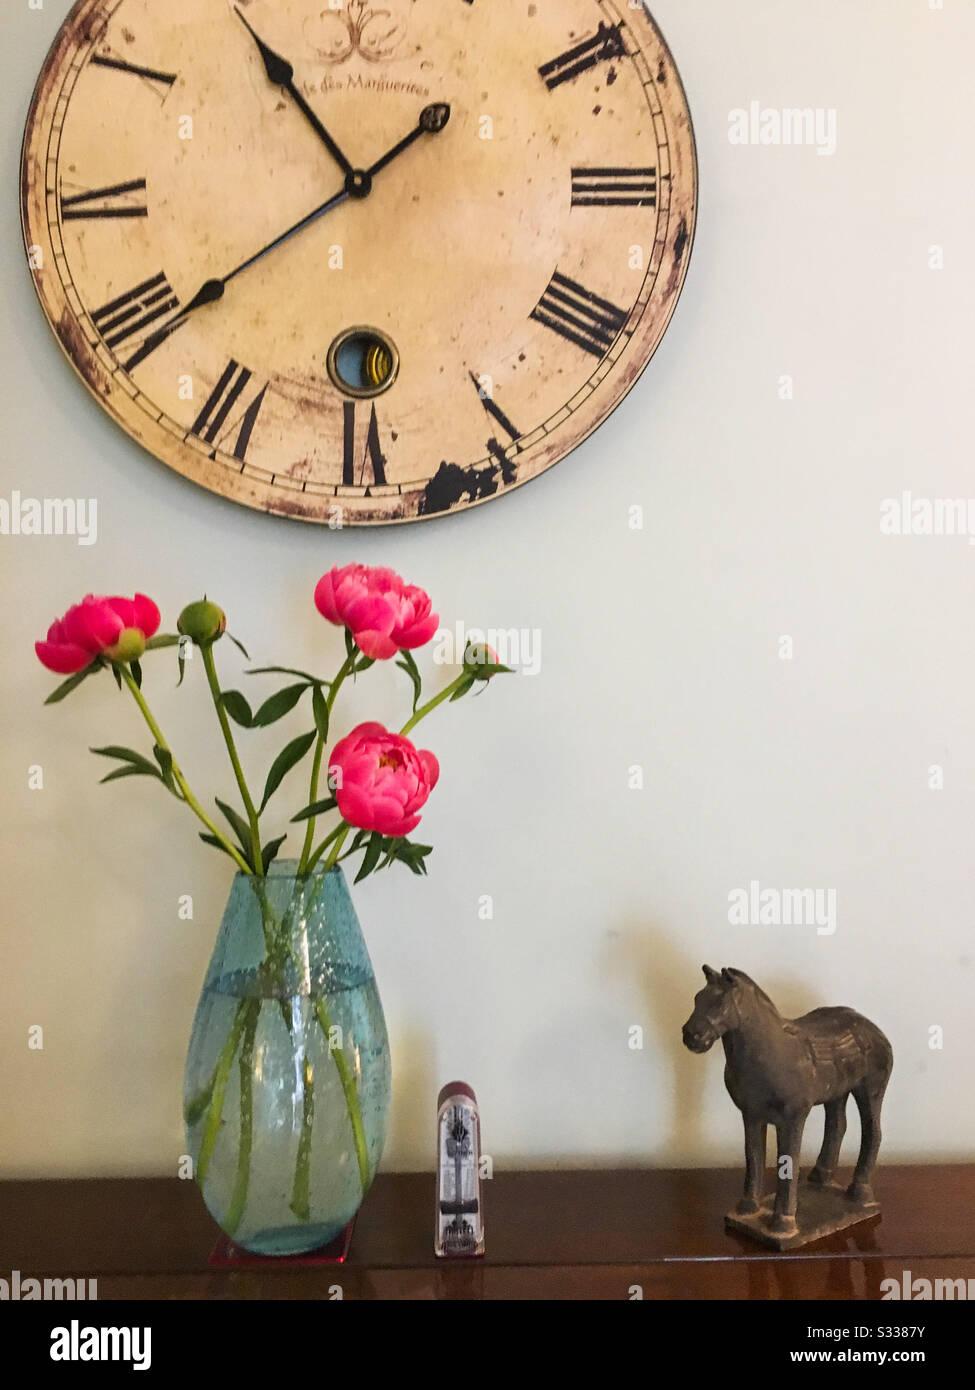 Une photo de vie fixe avec des fleurs pivoines, une horloge, un métronome et un ornement oriental de cheval. Banque D'Images